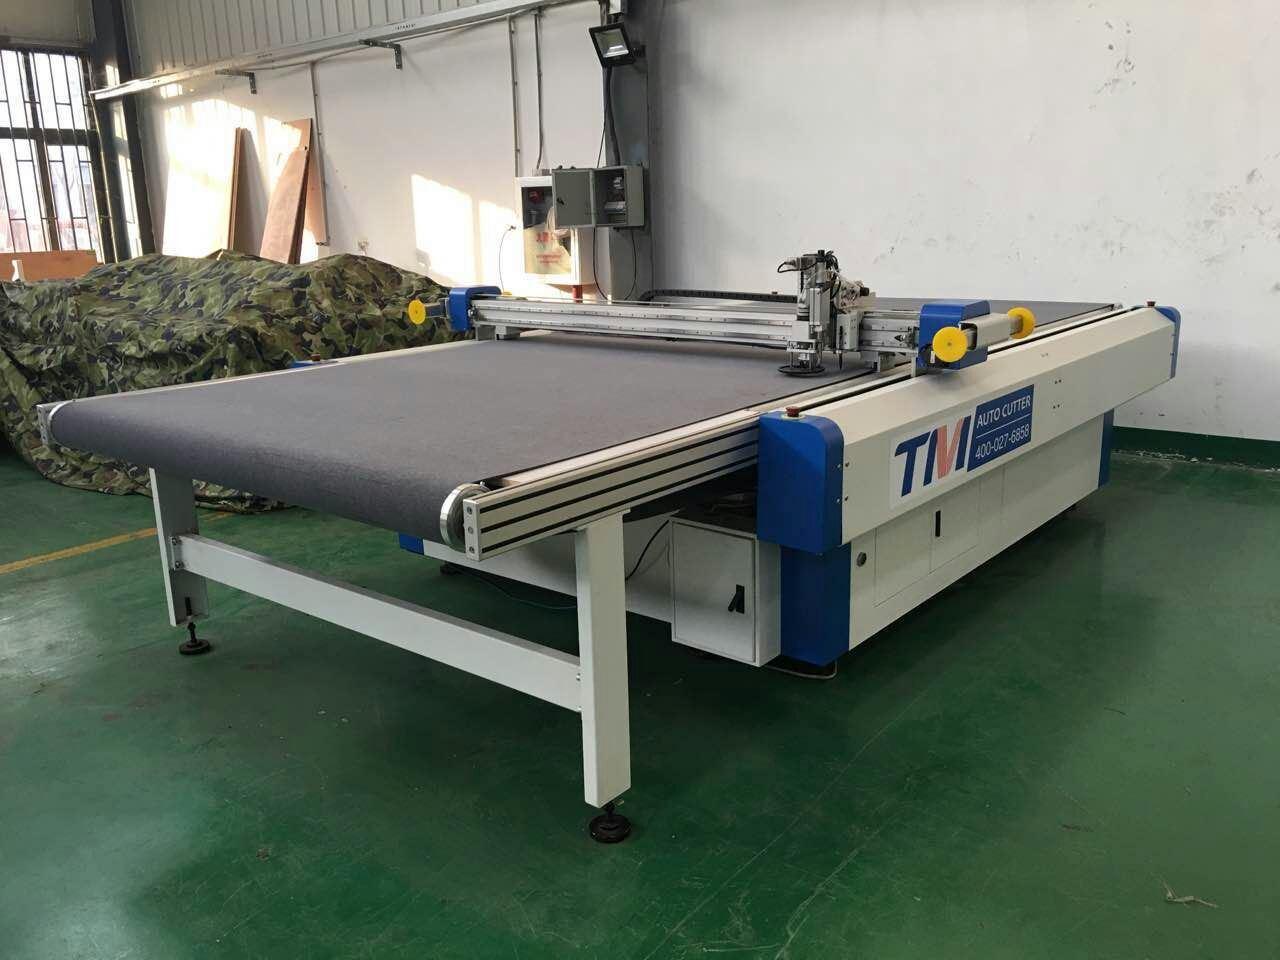 Vibration Knife CNC Fabric Cutting Machine